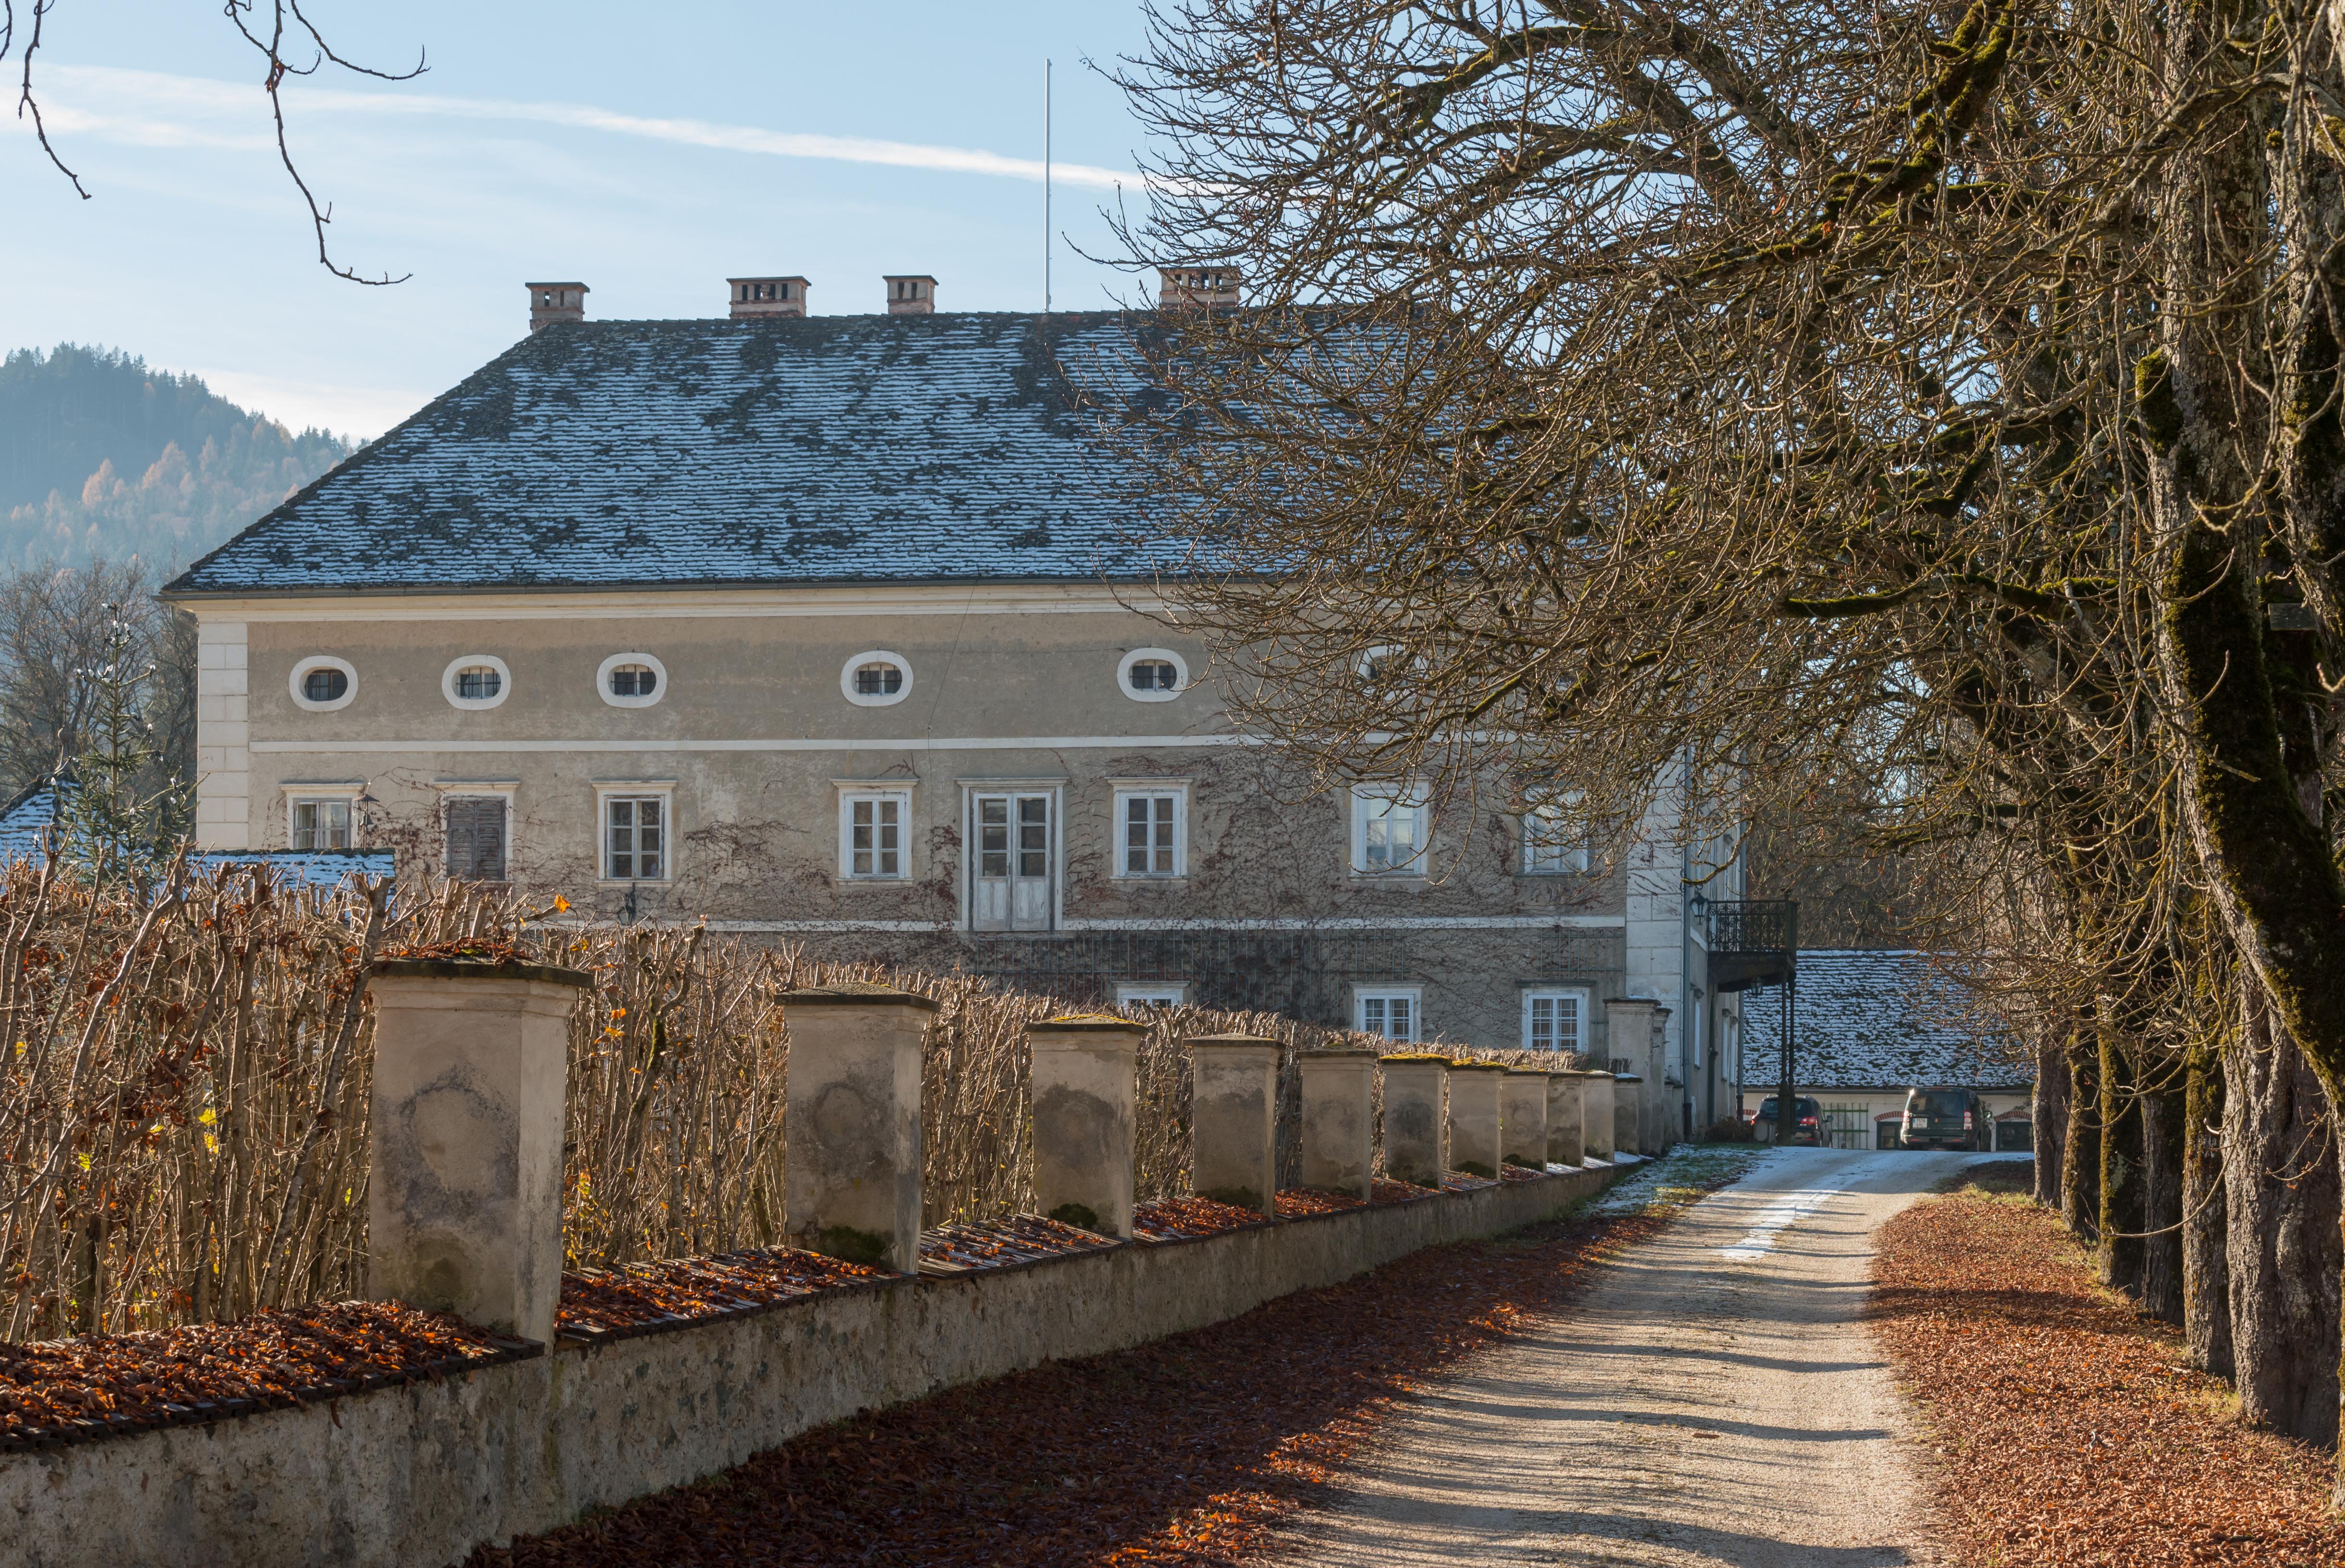 File:Sankt Georgen am Laengsee Niederosterwitz 2 Schloss 02122015 2393.jpg